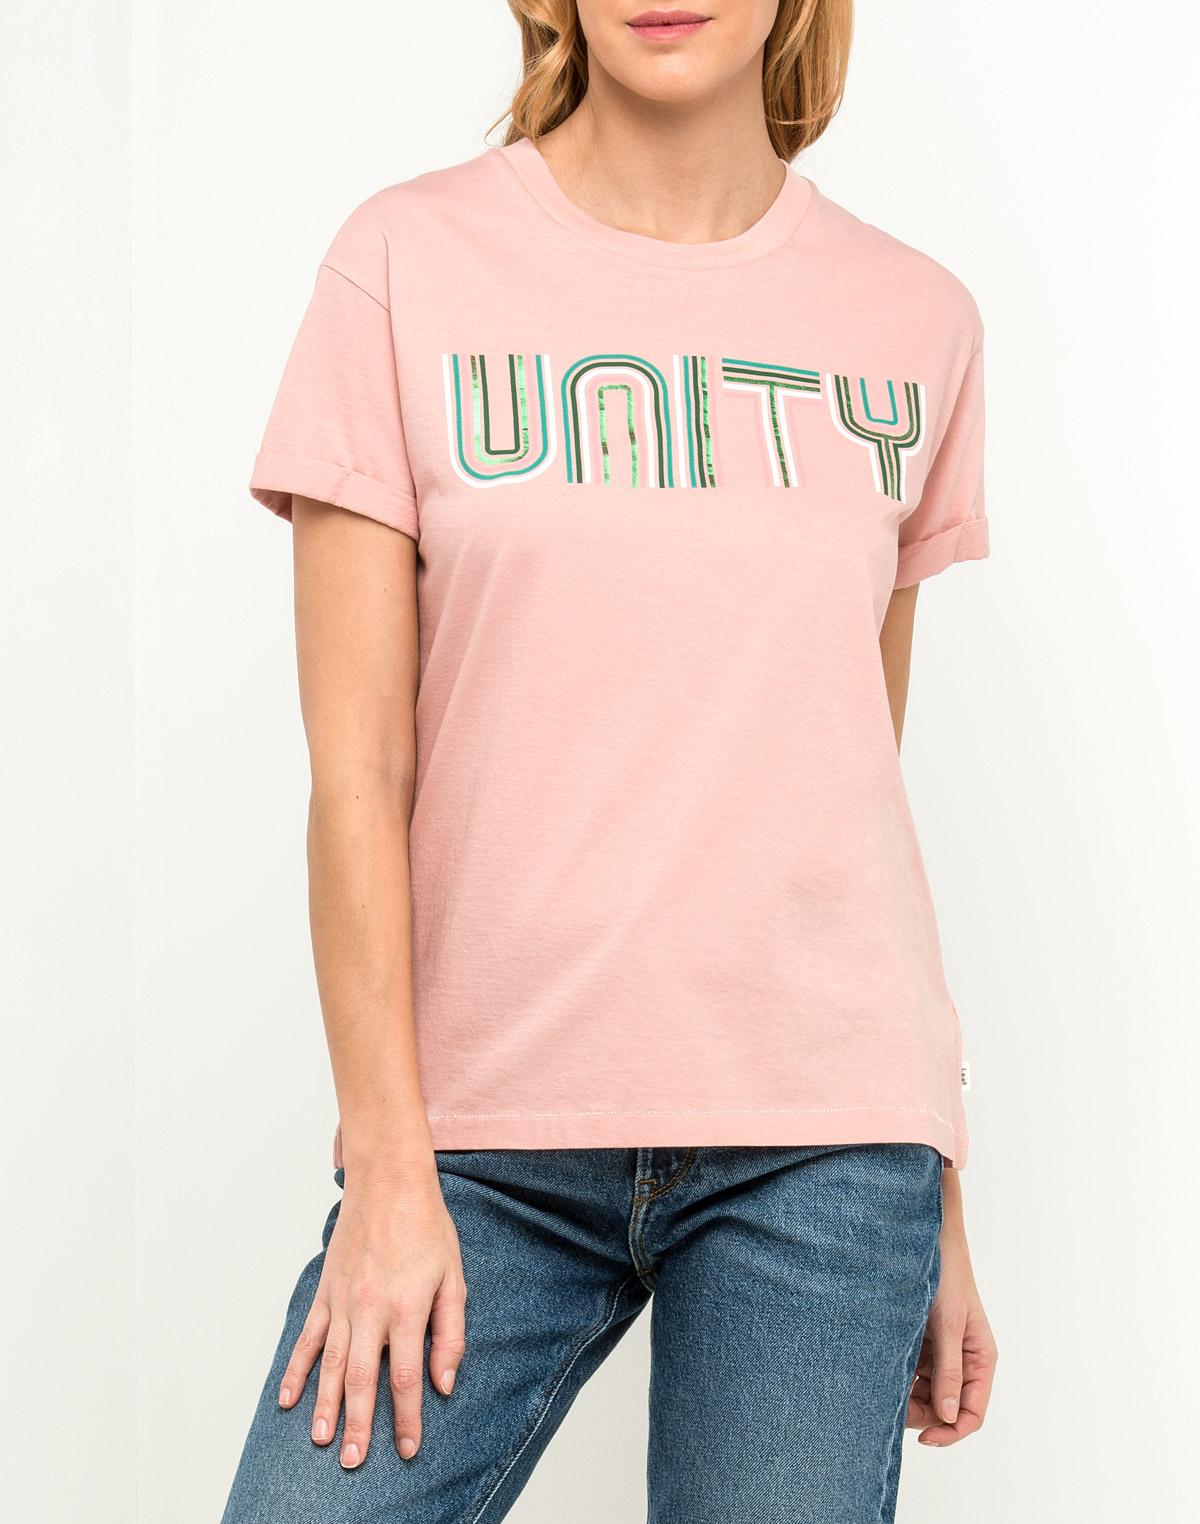 Футболка женская Lee, цвет: розовый. L41MEPEA. Размер XS (40) футболка женская lee цвет белый черный l41erweh размер xs 40